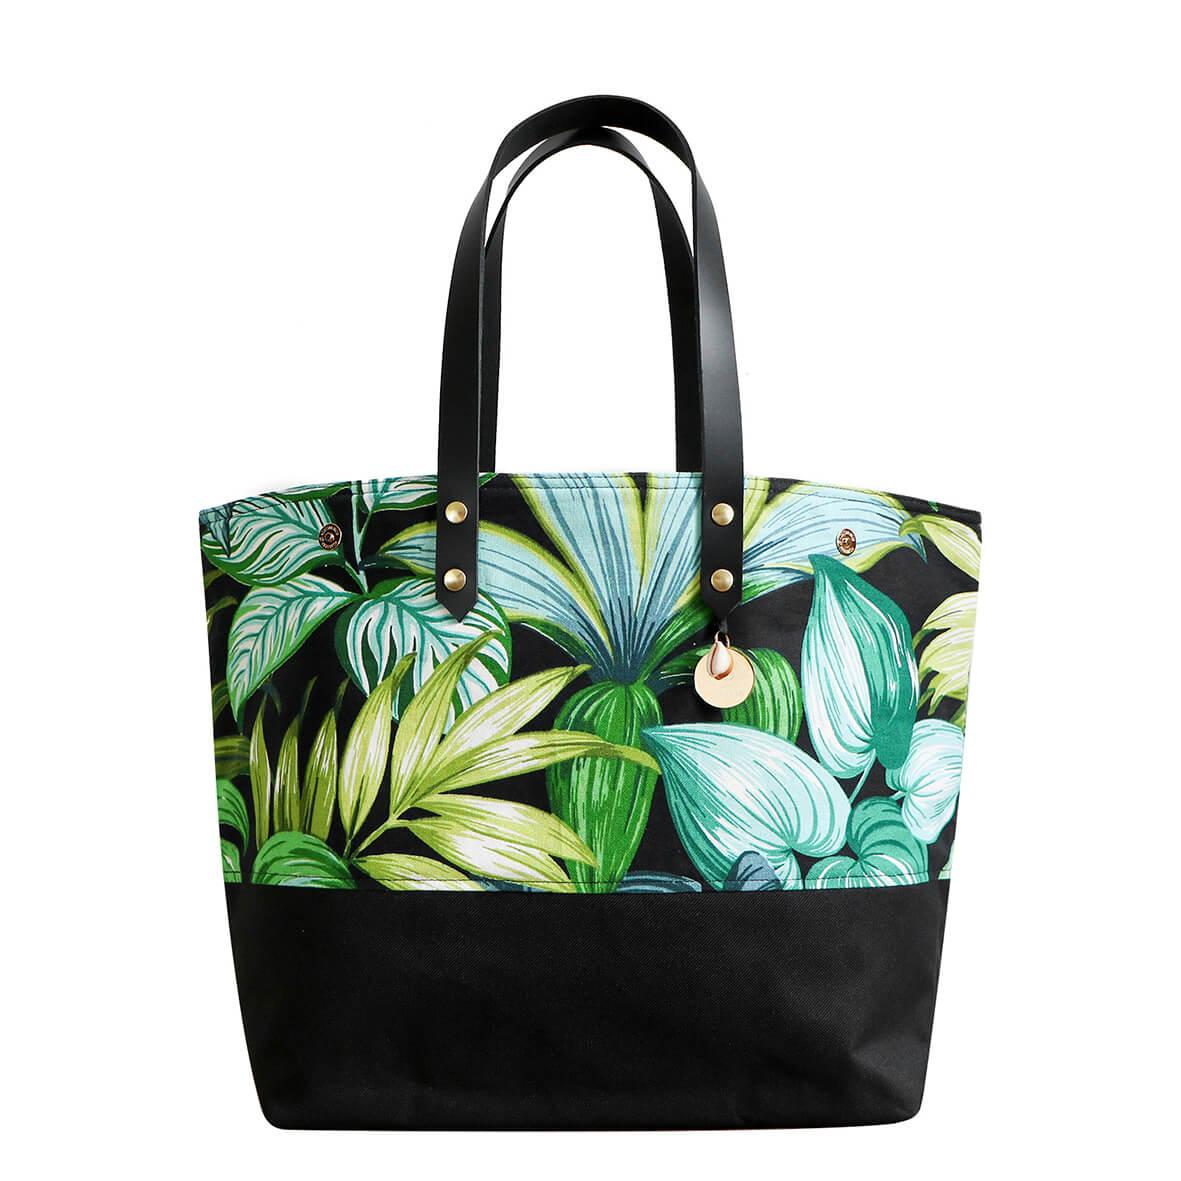 Cénélia - Sac cabas personnalisé - sac à main fabriqué en France - Jungle night